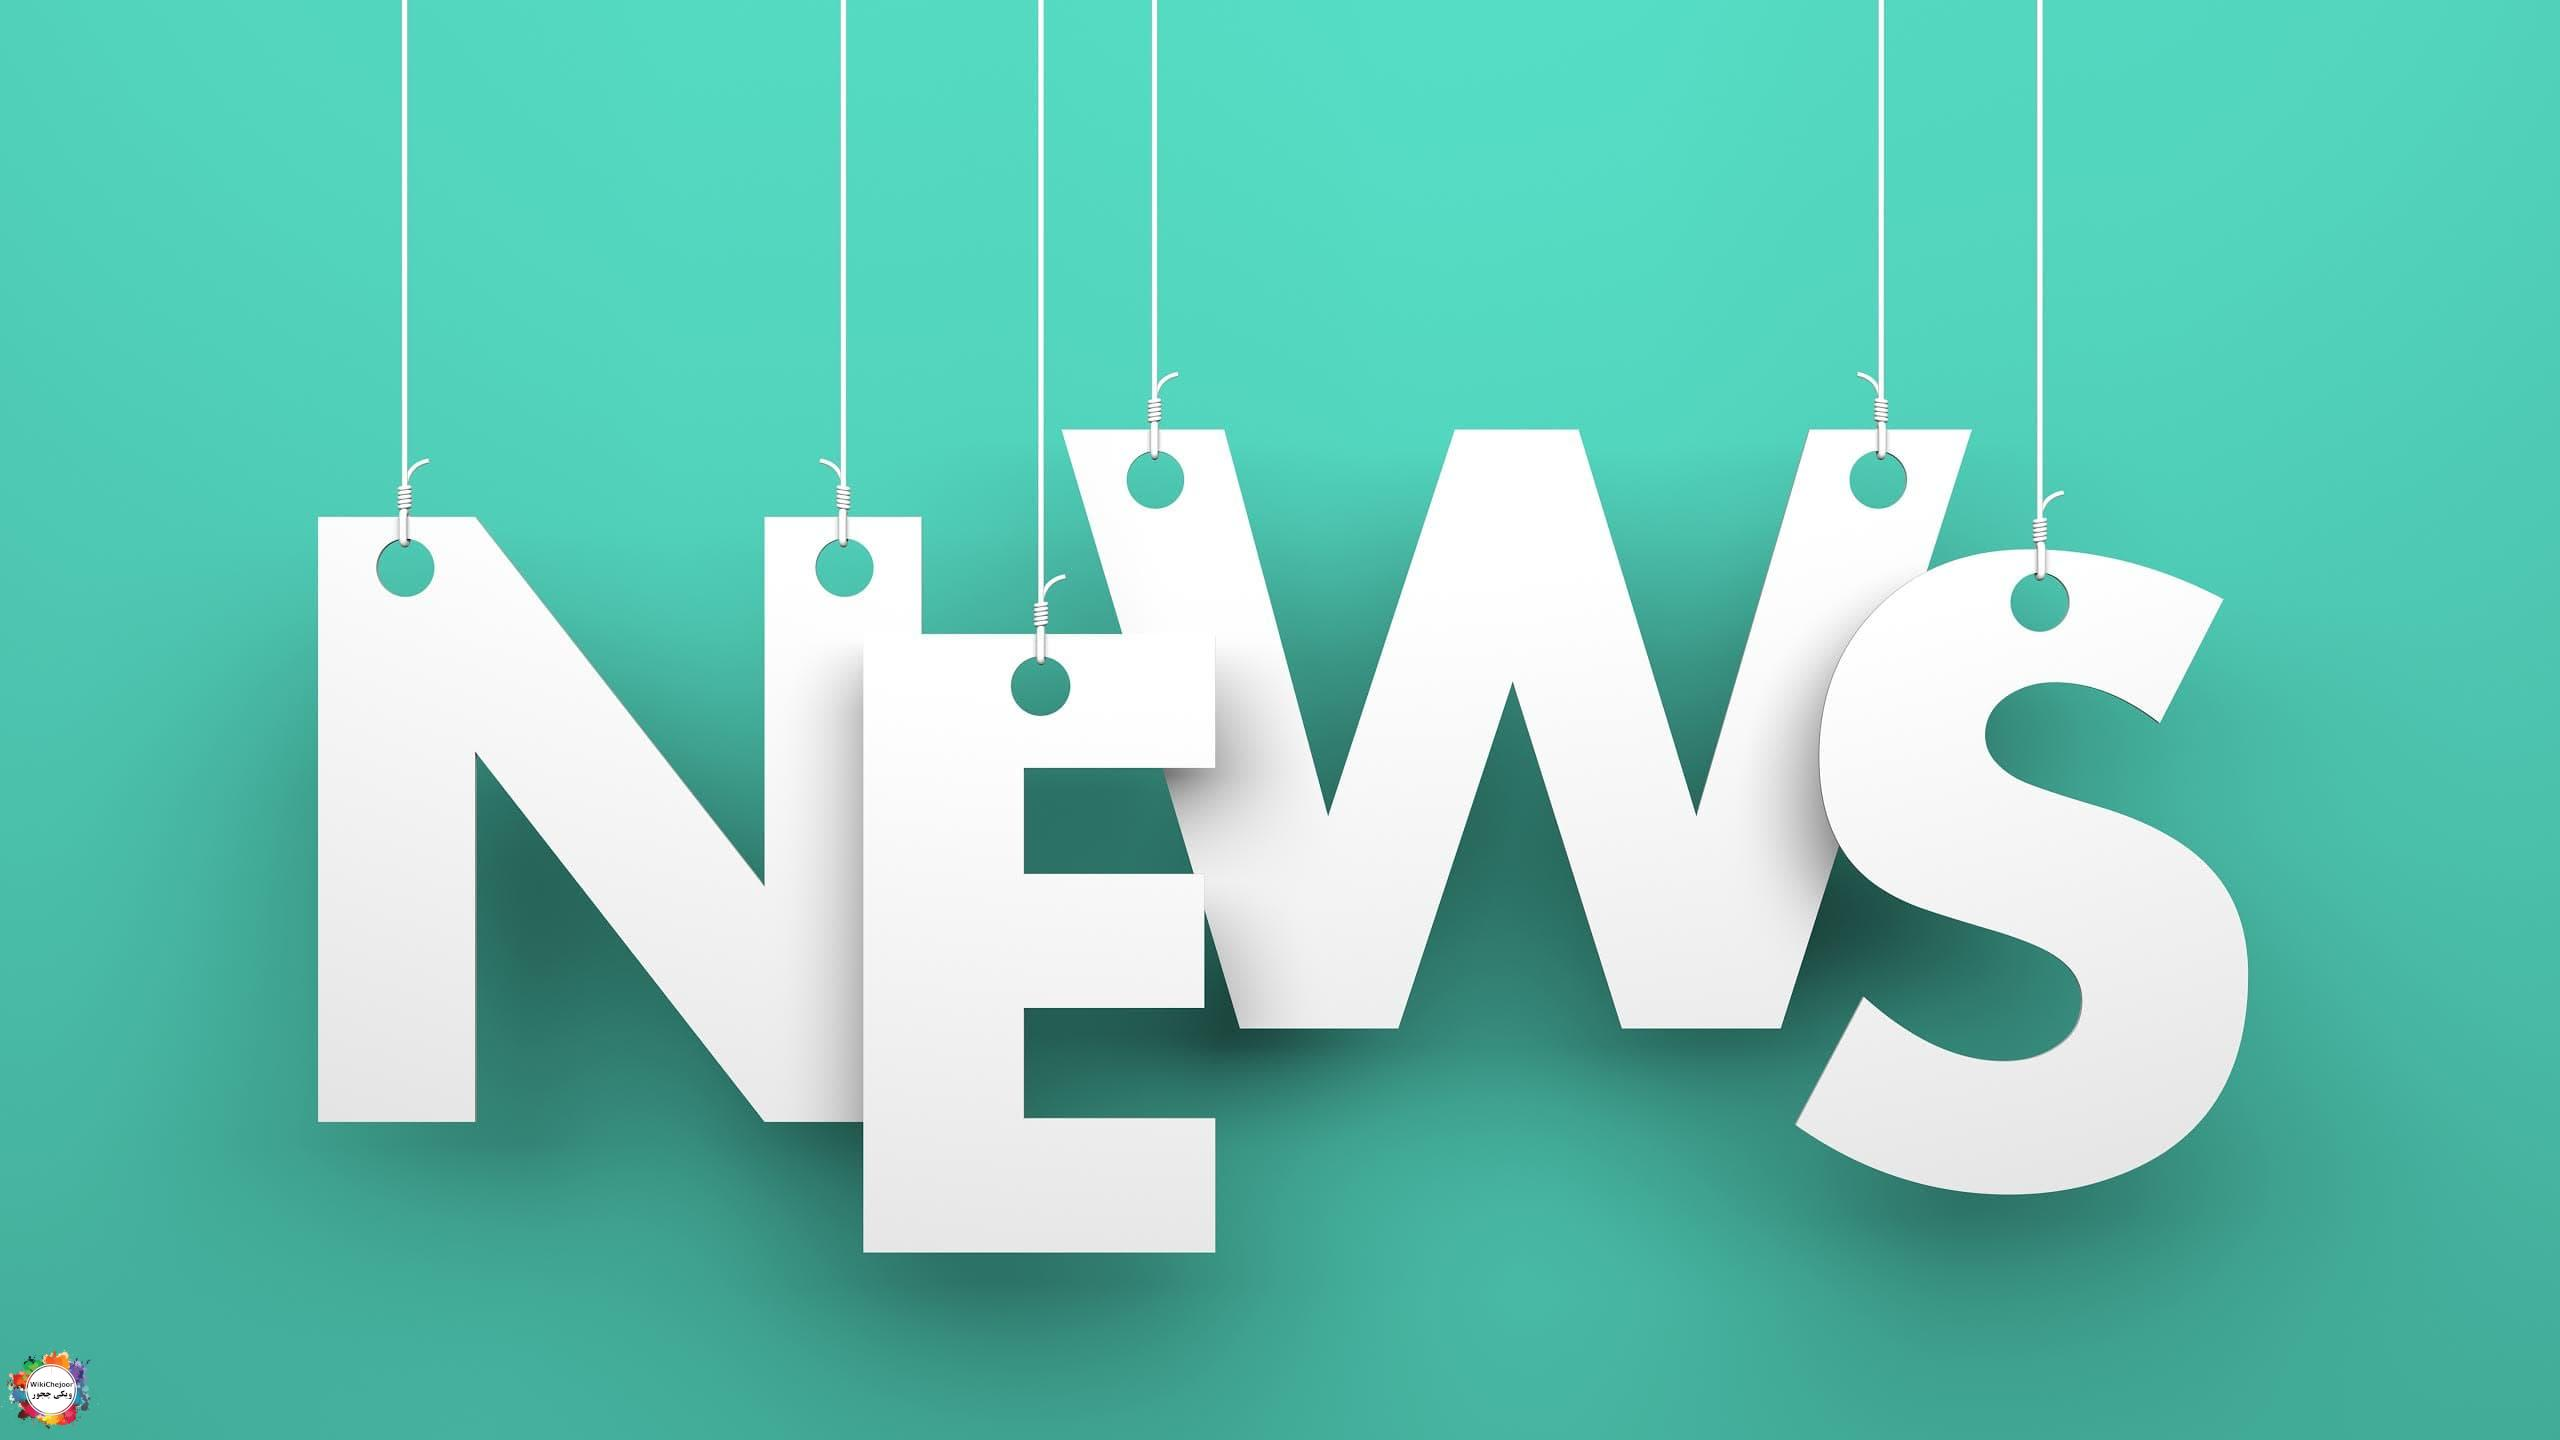 تمام اخبار روز ایران و جهان در ۵ دقیقه (چهارشنبه ۱۳۹۸/۰۵/۰۲)